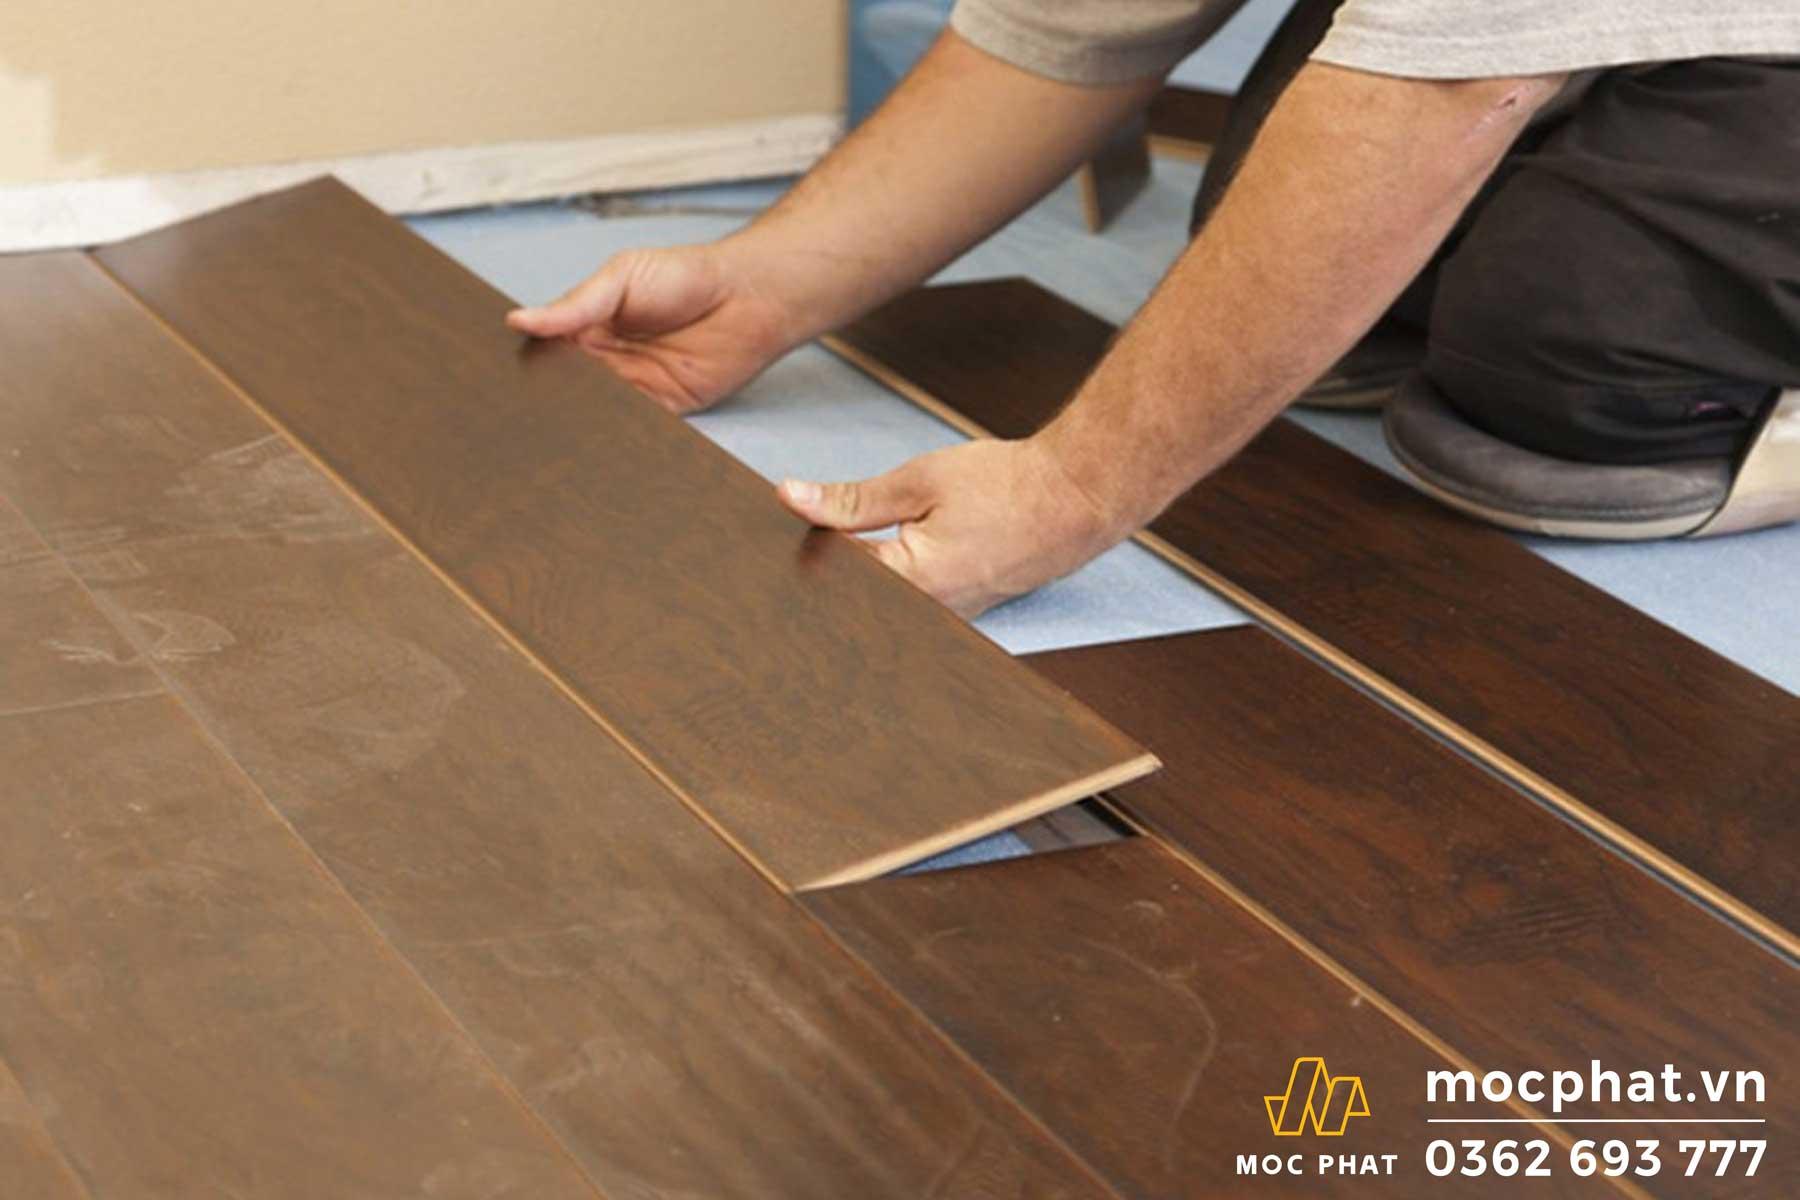 Cách xử lý sàn gỗ công nghiệp trong nhà bị thấm nước